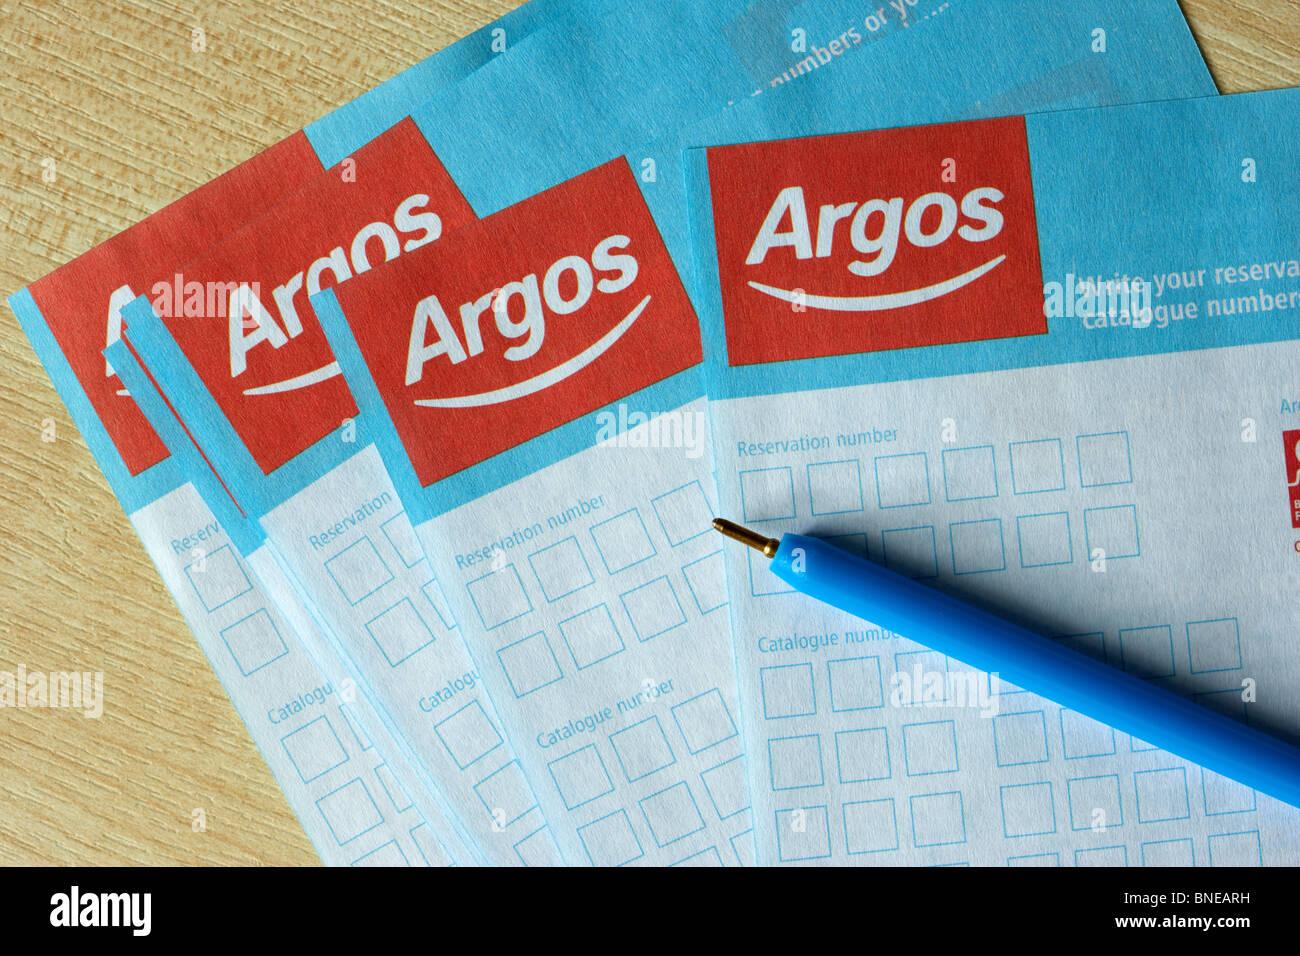 Réservation d'Argos ou numéro de catalogue commander des formulaires avec stylet Photo Stock